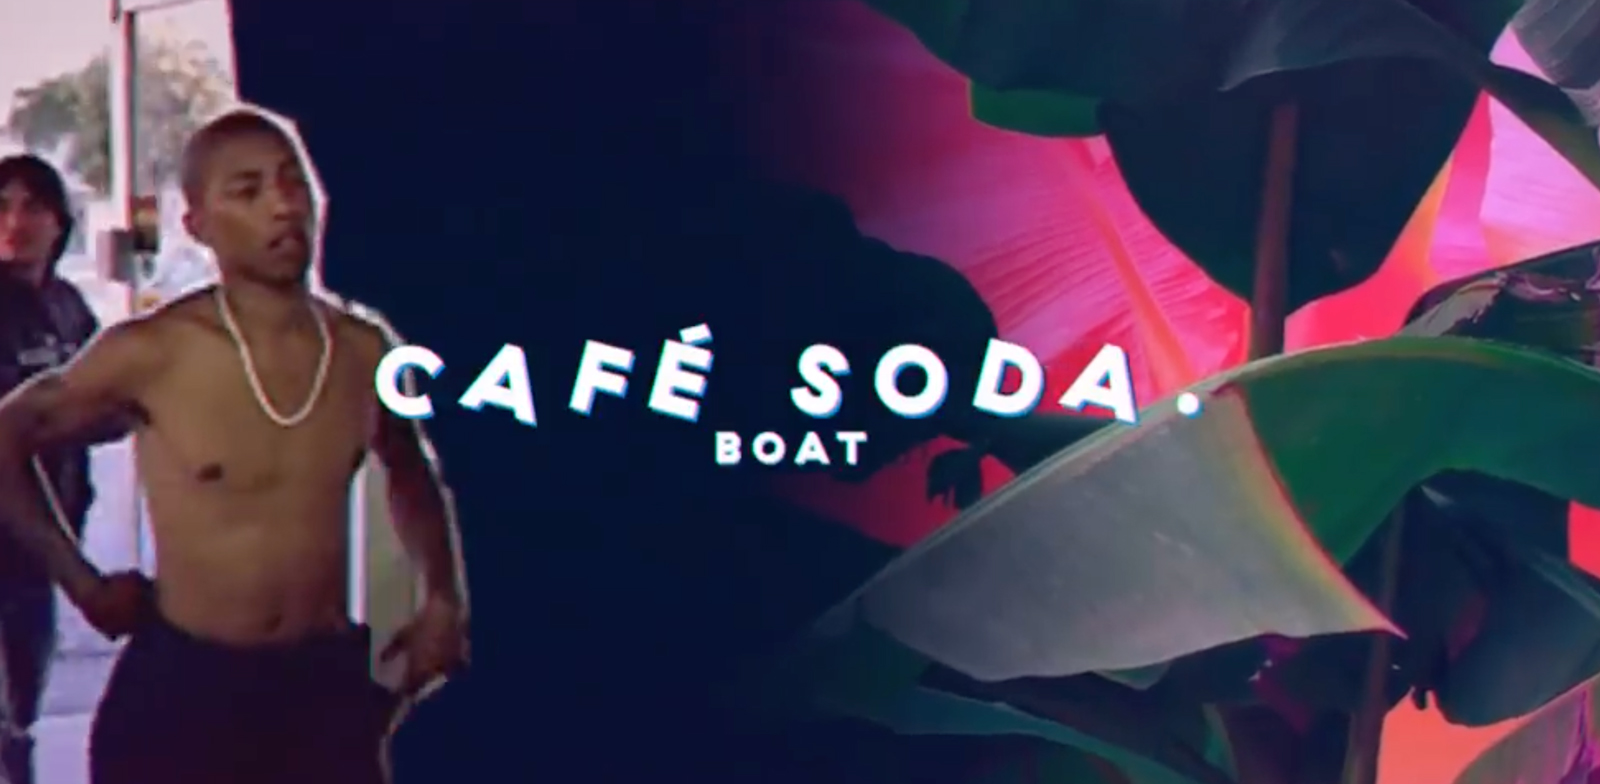 Cafe Soda Boat